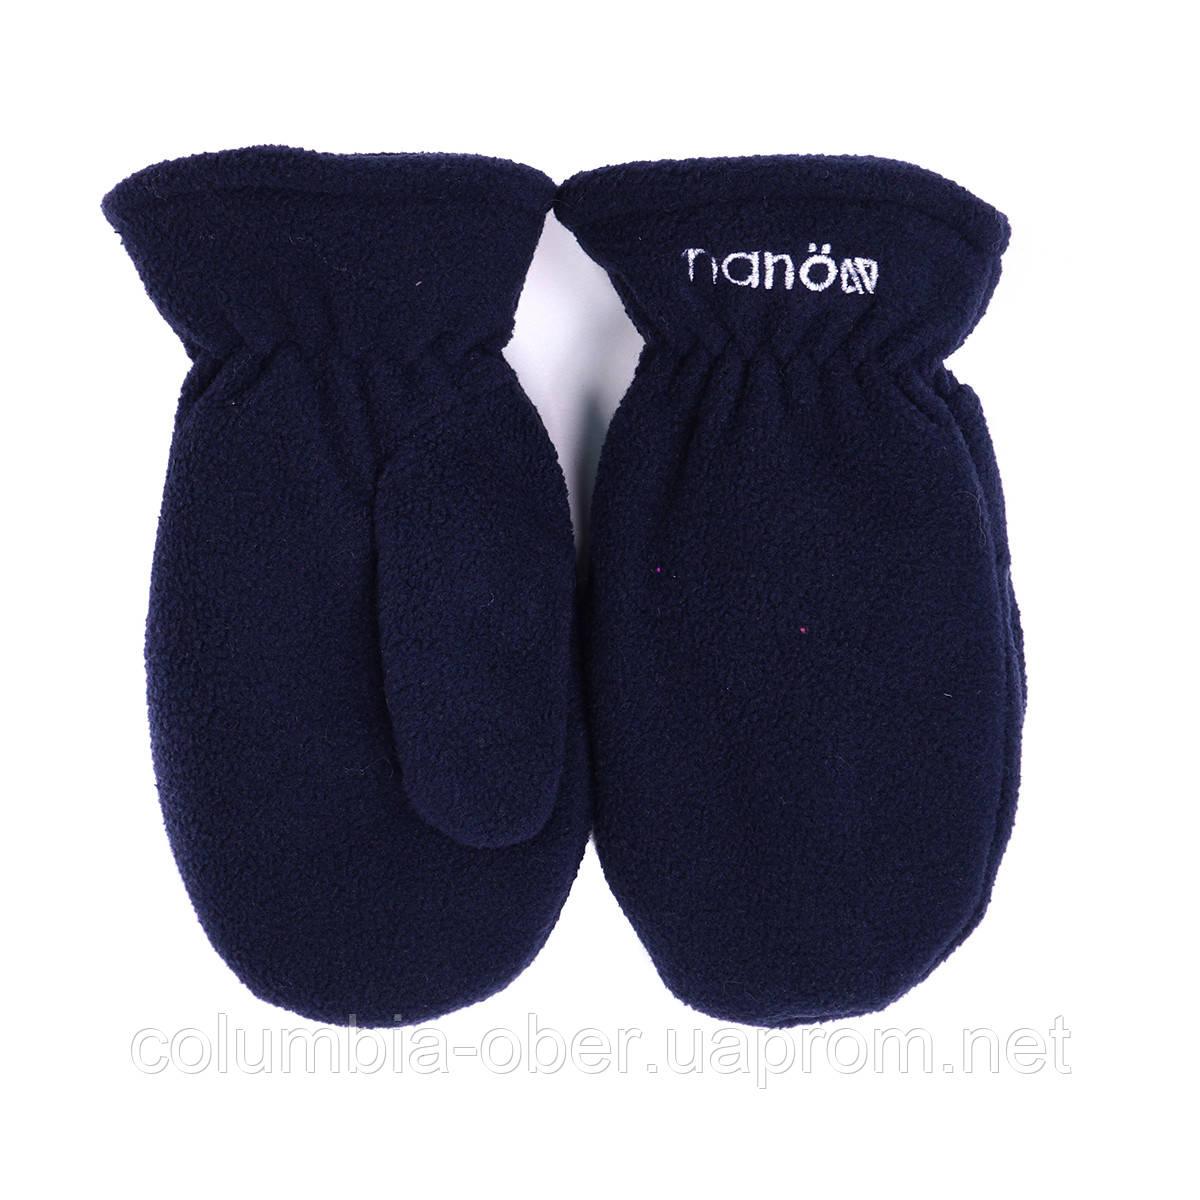 Зимние флисовые рукавицы для мальчика Nano BMITP501-F17 Navy. Размеры 5/6х-10/12.